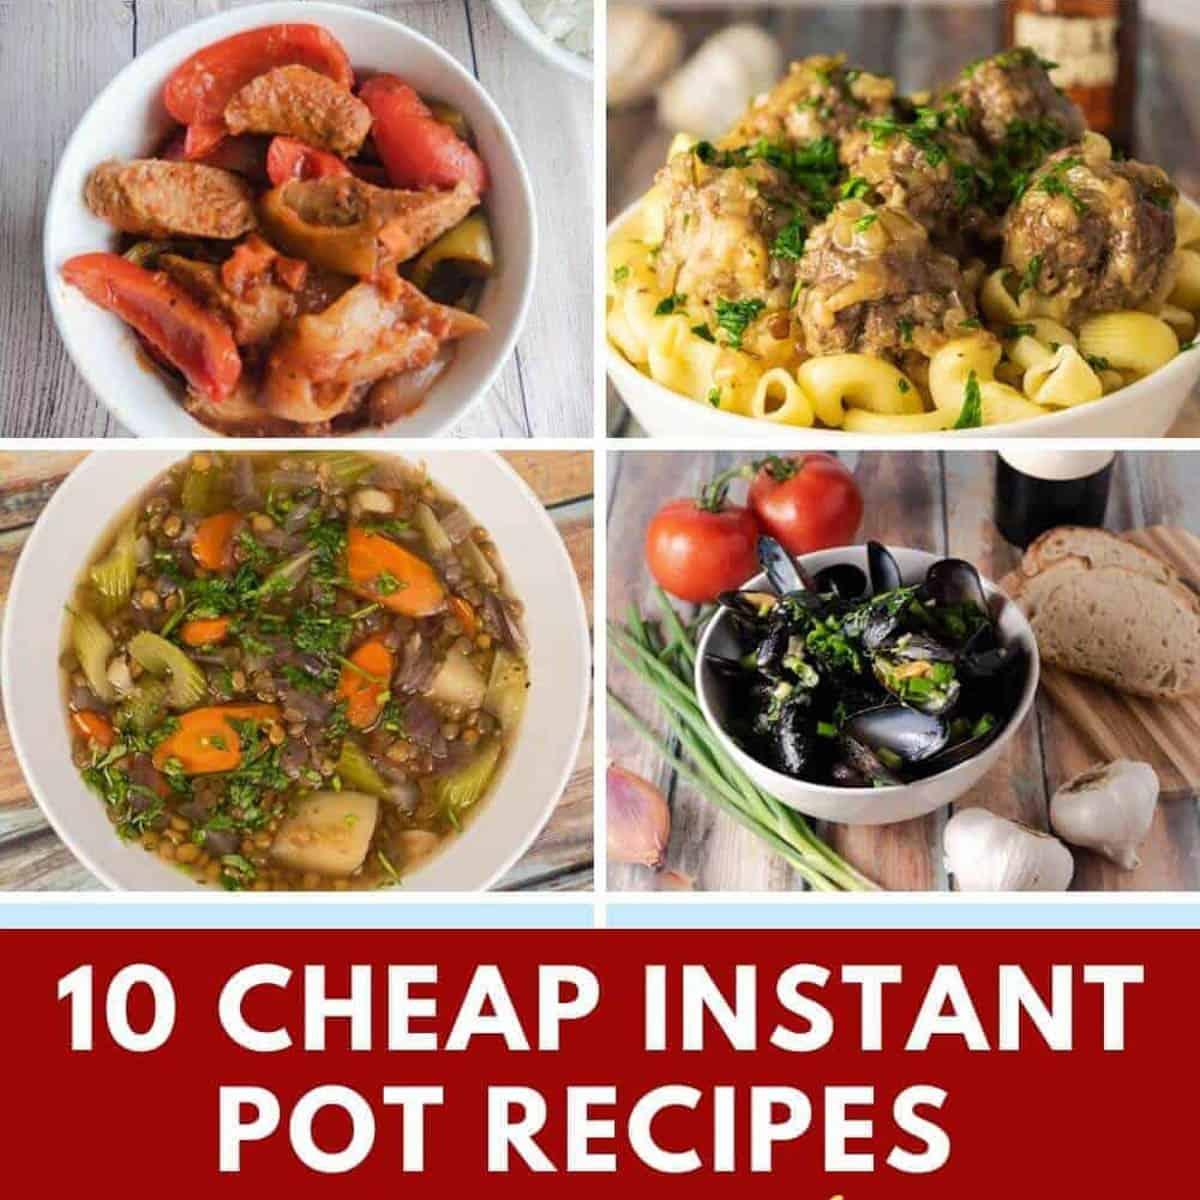 10 cheap instant pot recipes under $10